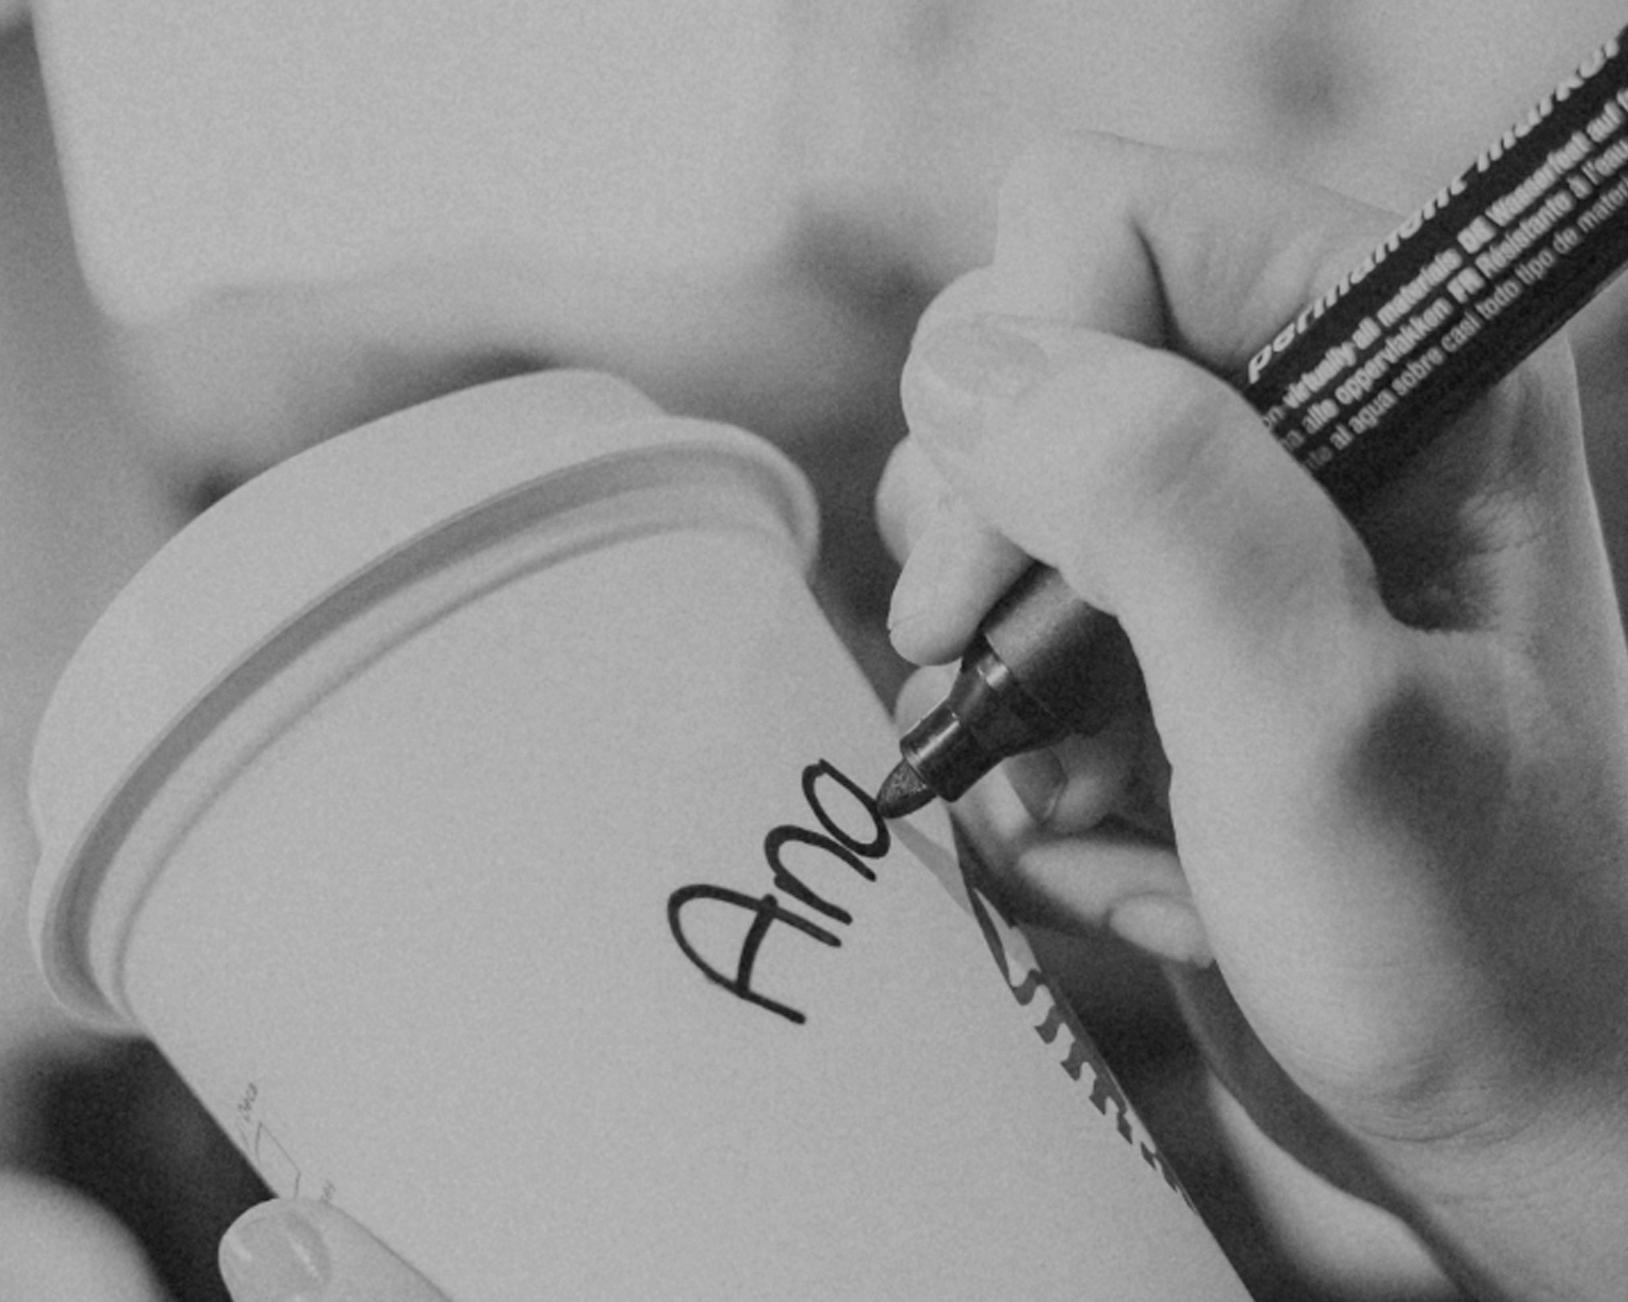 Nuestro mejor café es contigo